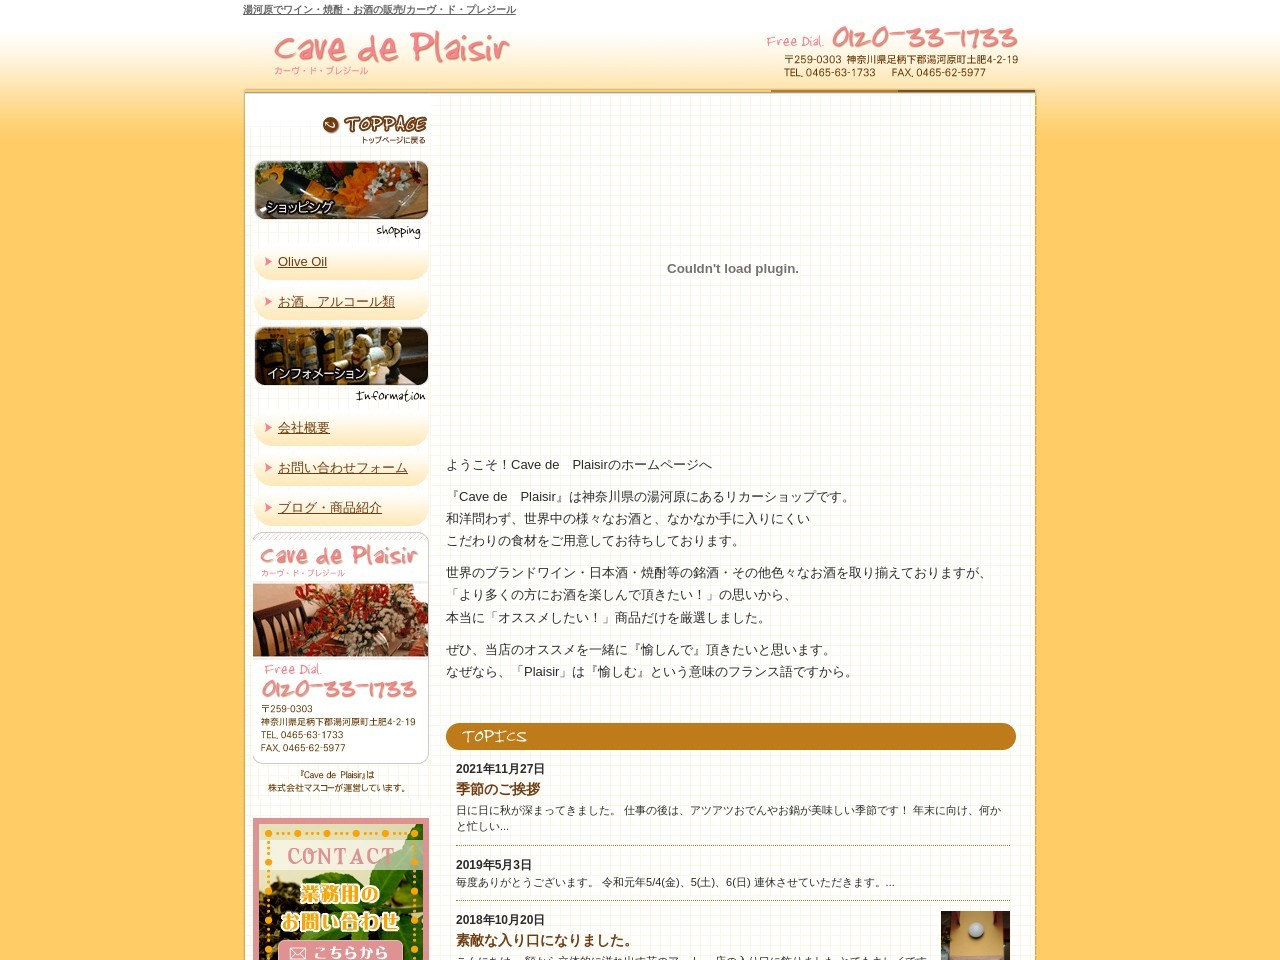 湯河原でワイン・焼酎・お酒の販売/カーヴ・ド・プレジール